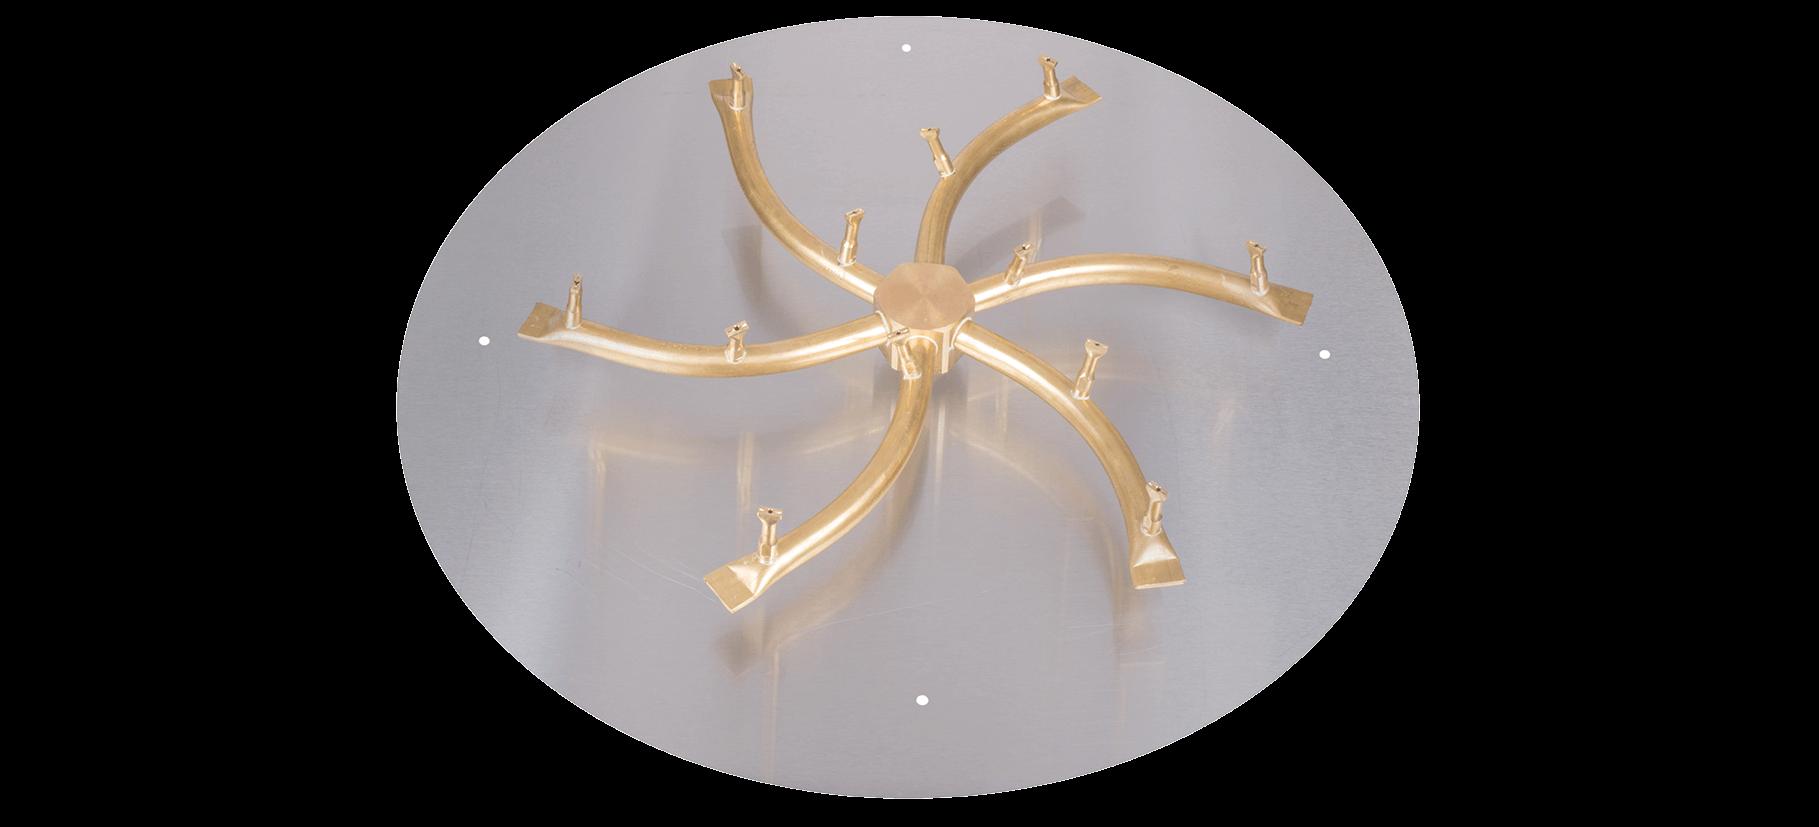 Flat plate for Star/Triple S Burner kit